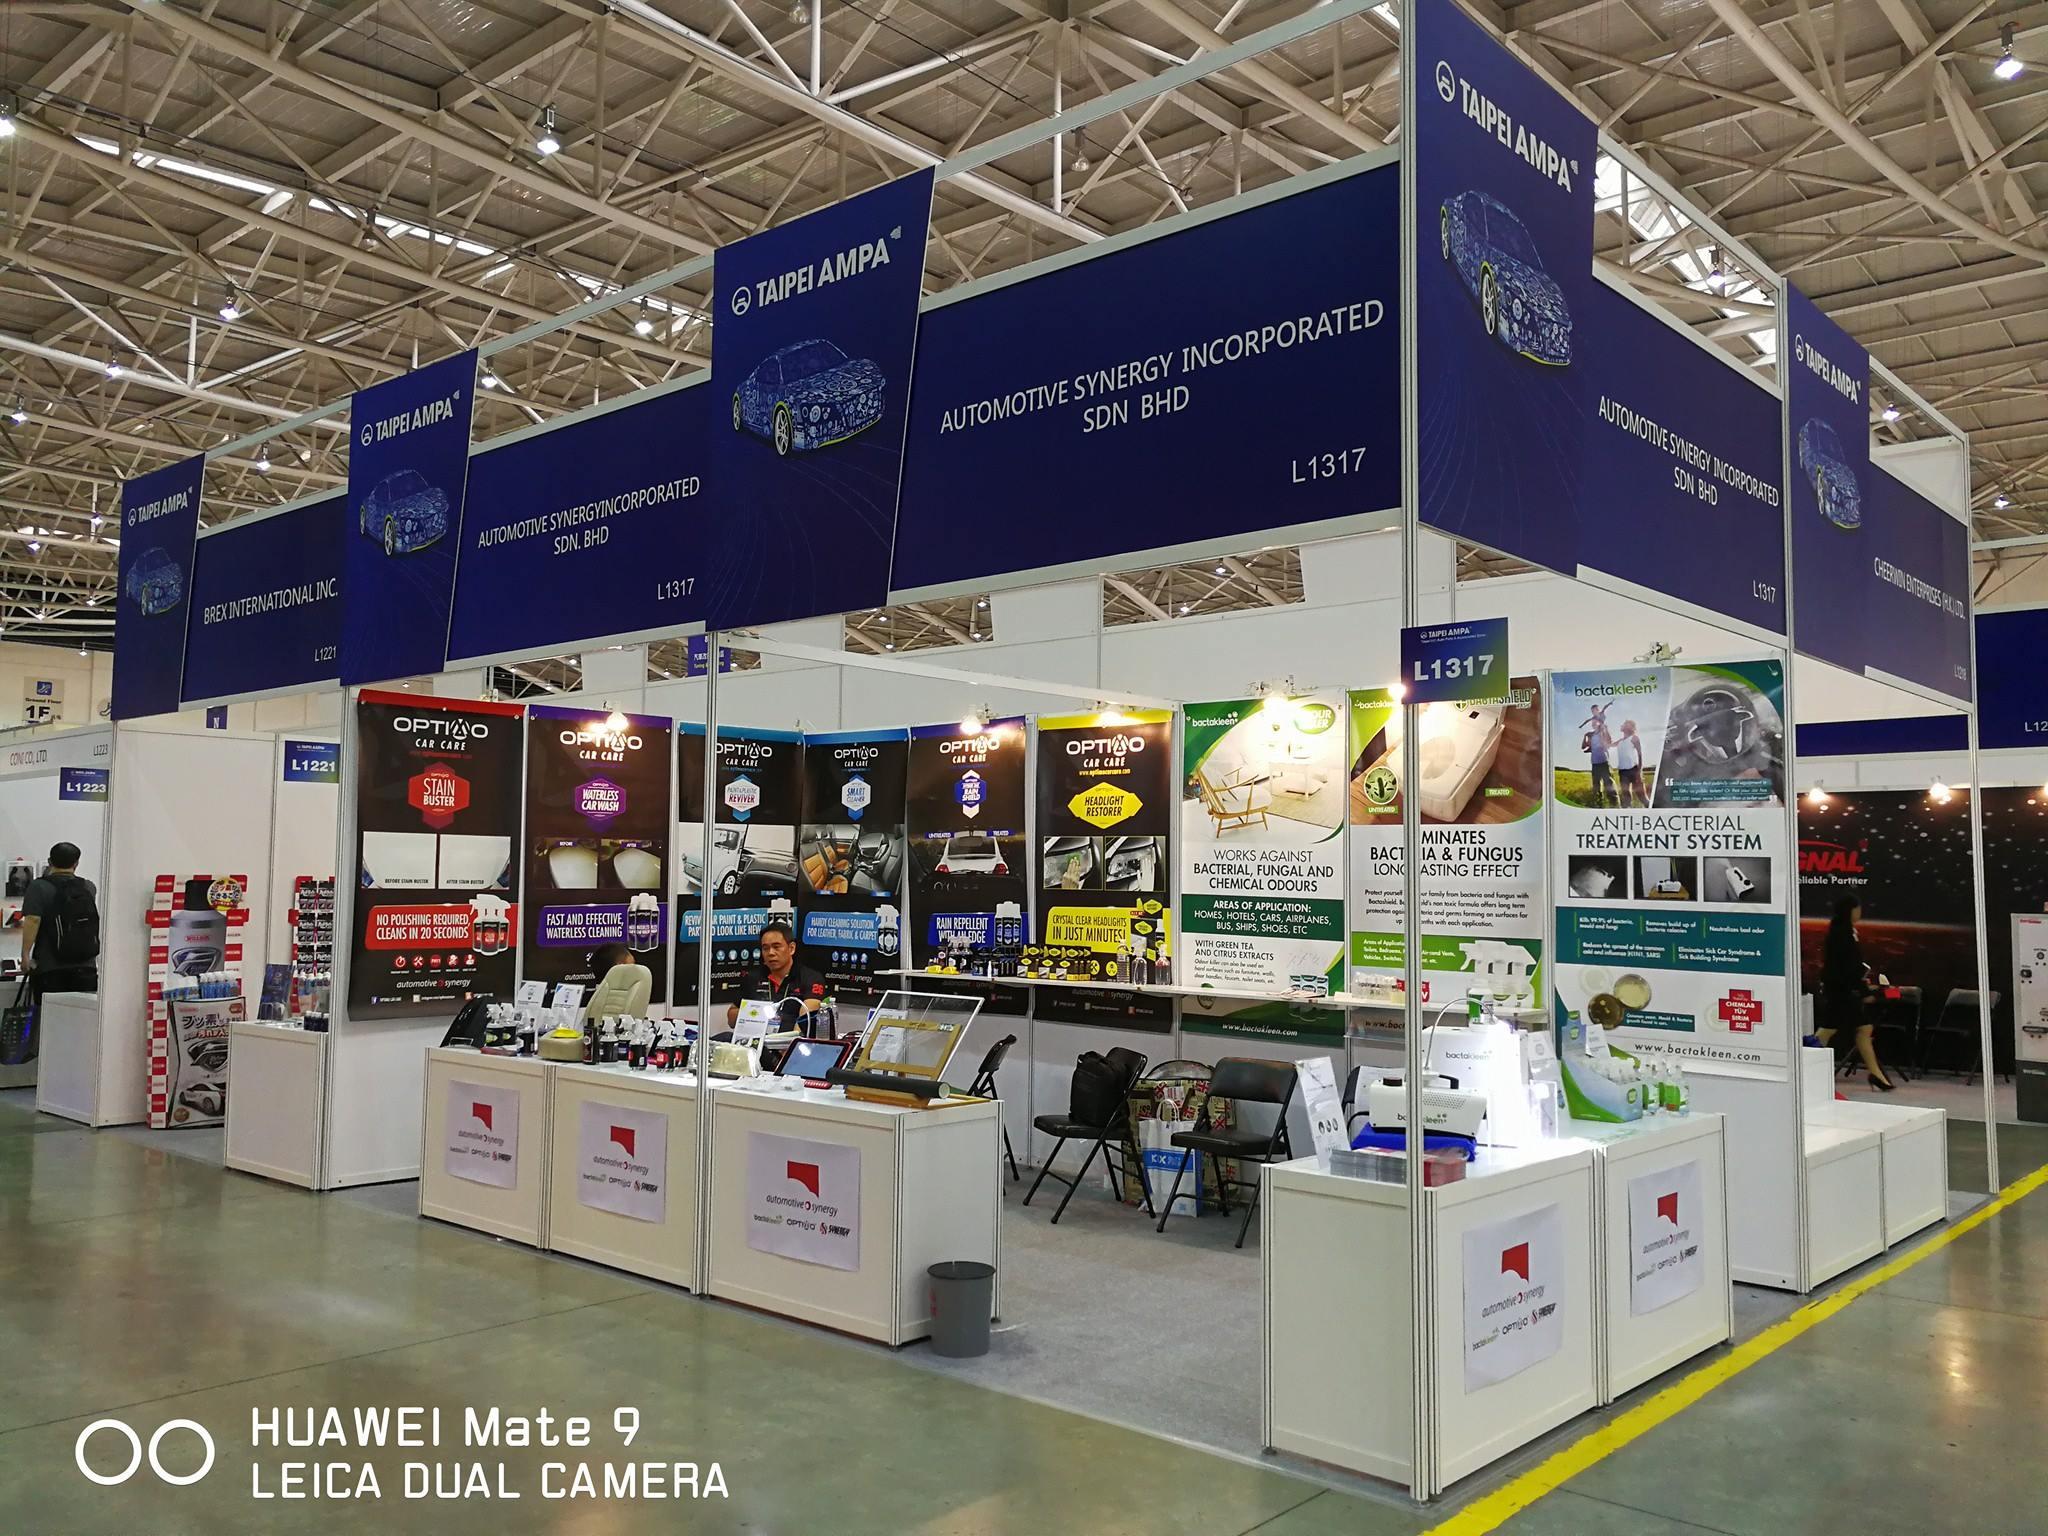 Taipei AMPA 2017